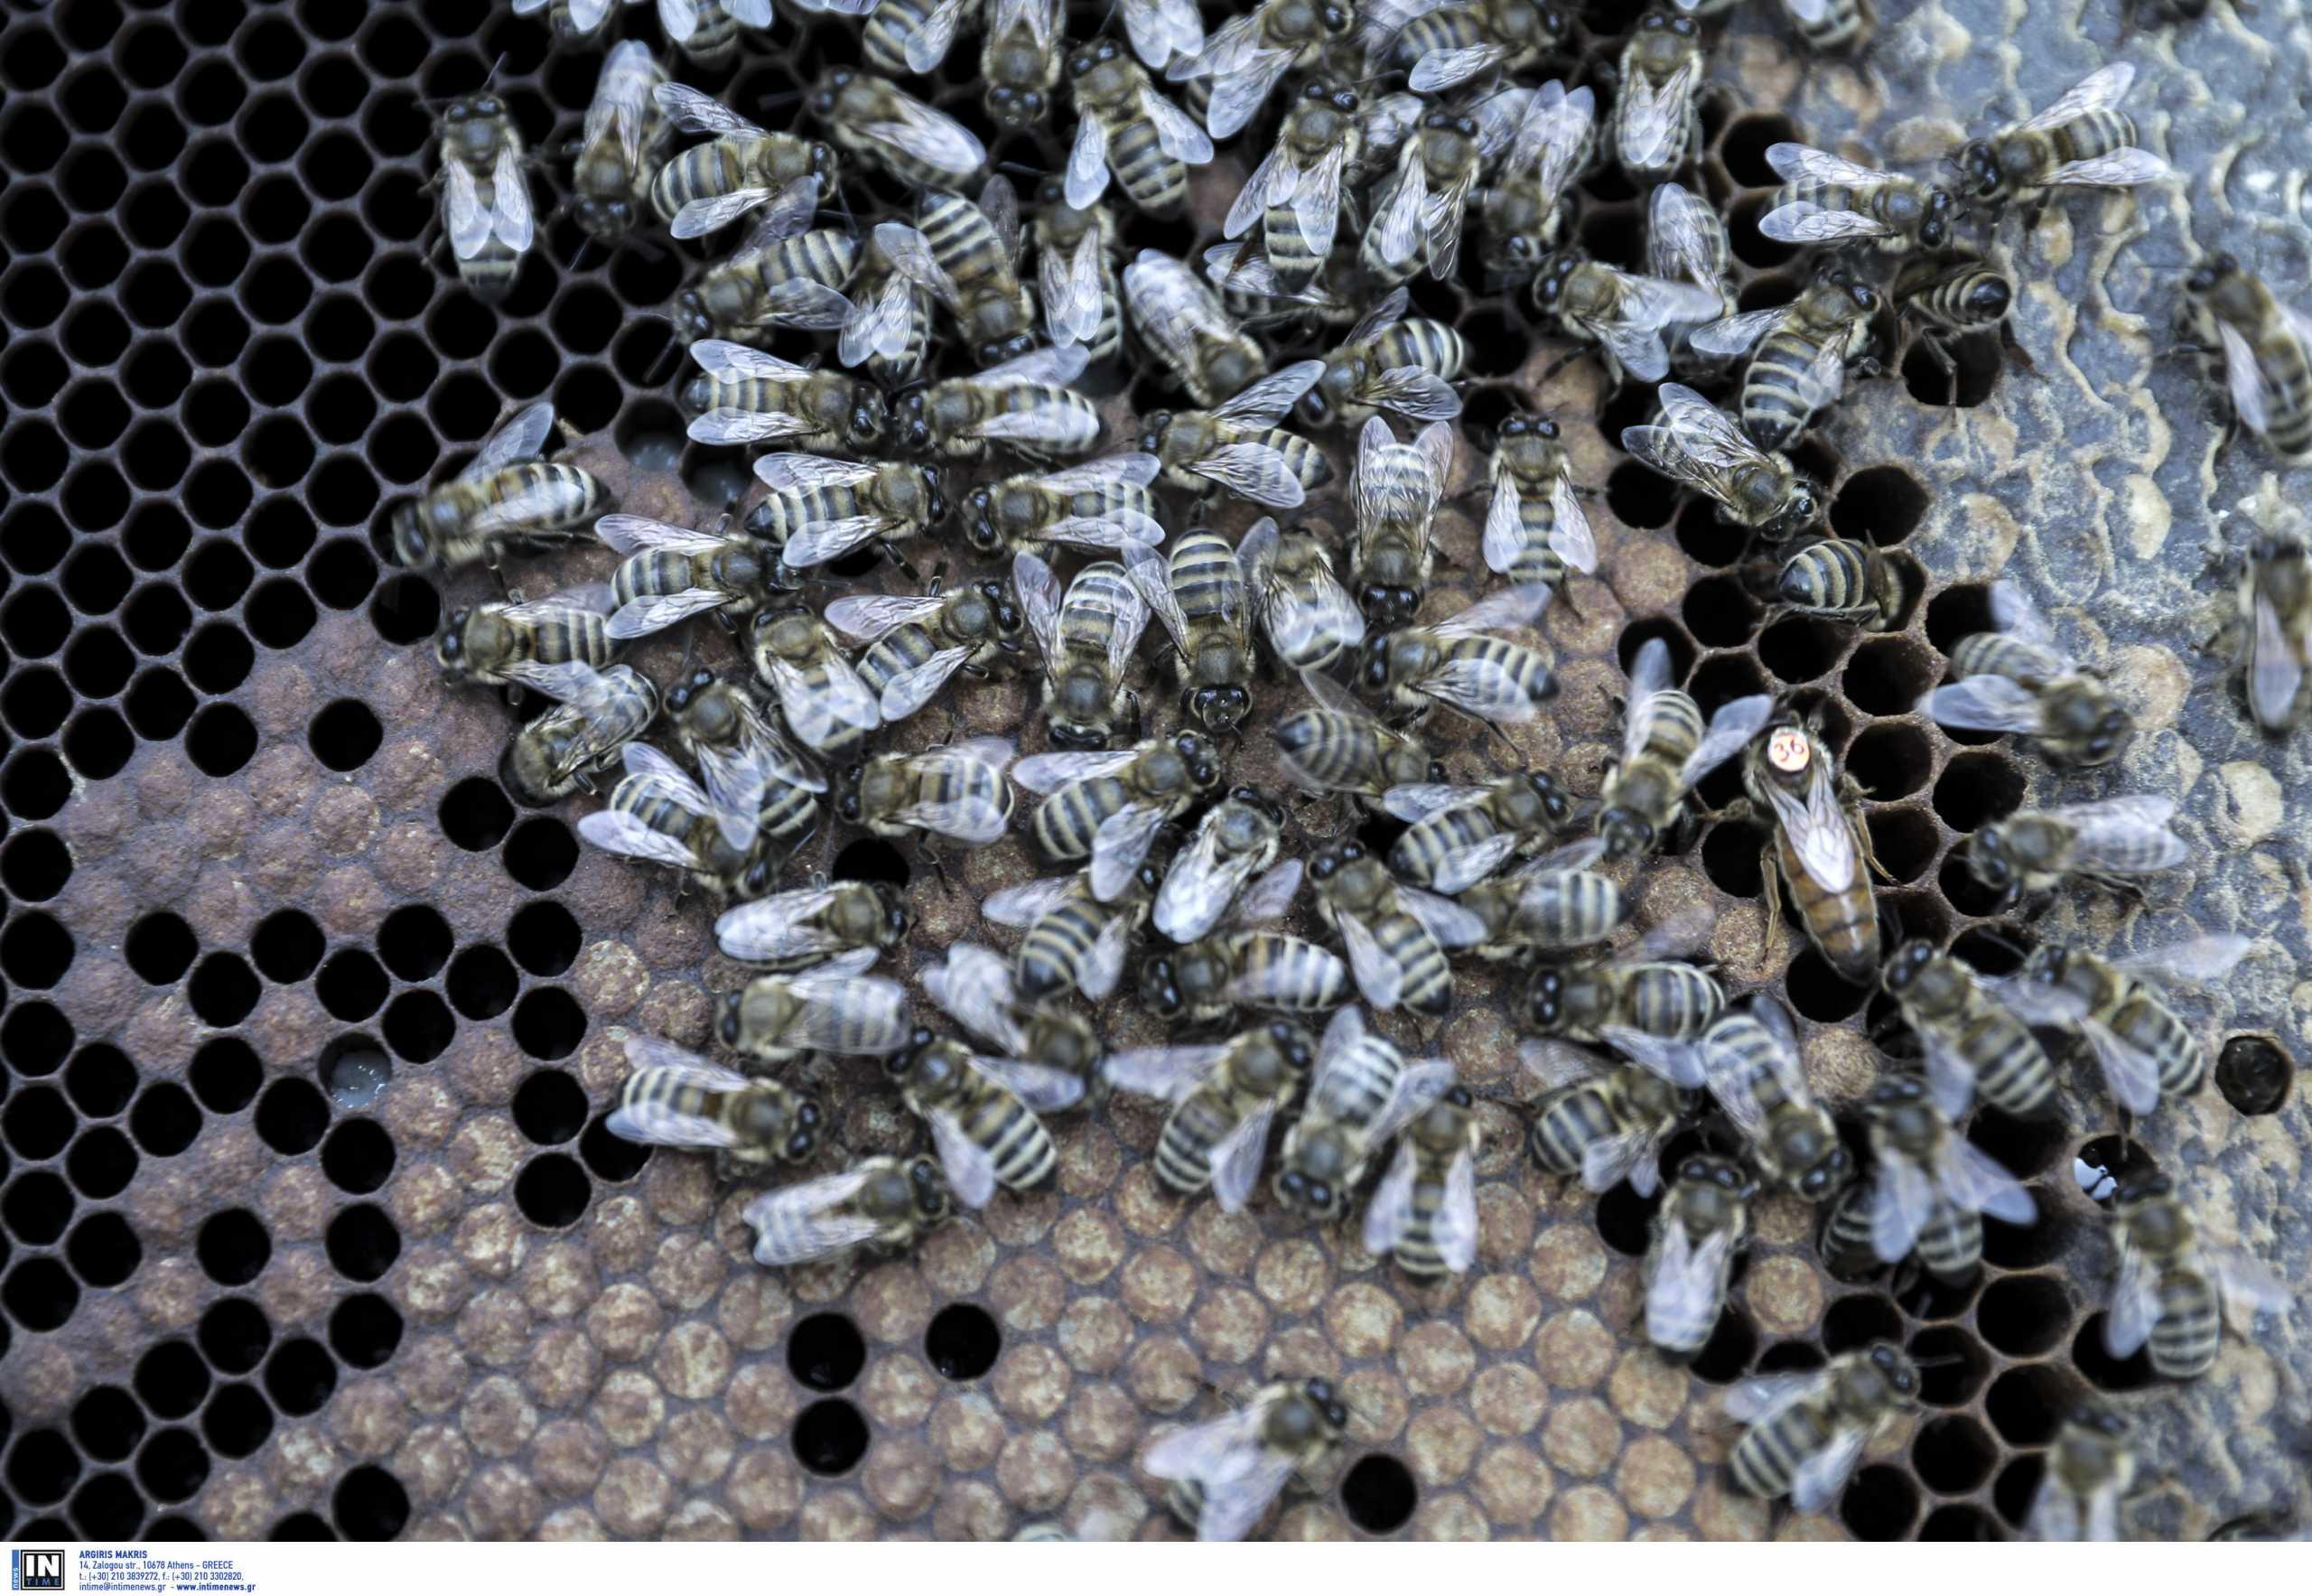 Θεσσαλονίκη: Έκλεβε κυψέλες μελισσών τις μέρες της καραντίνας – Ο έλεγχος στο σπίτι του